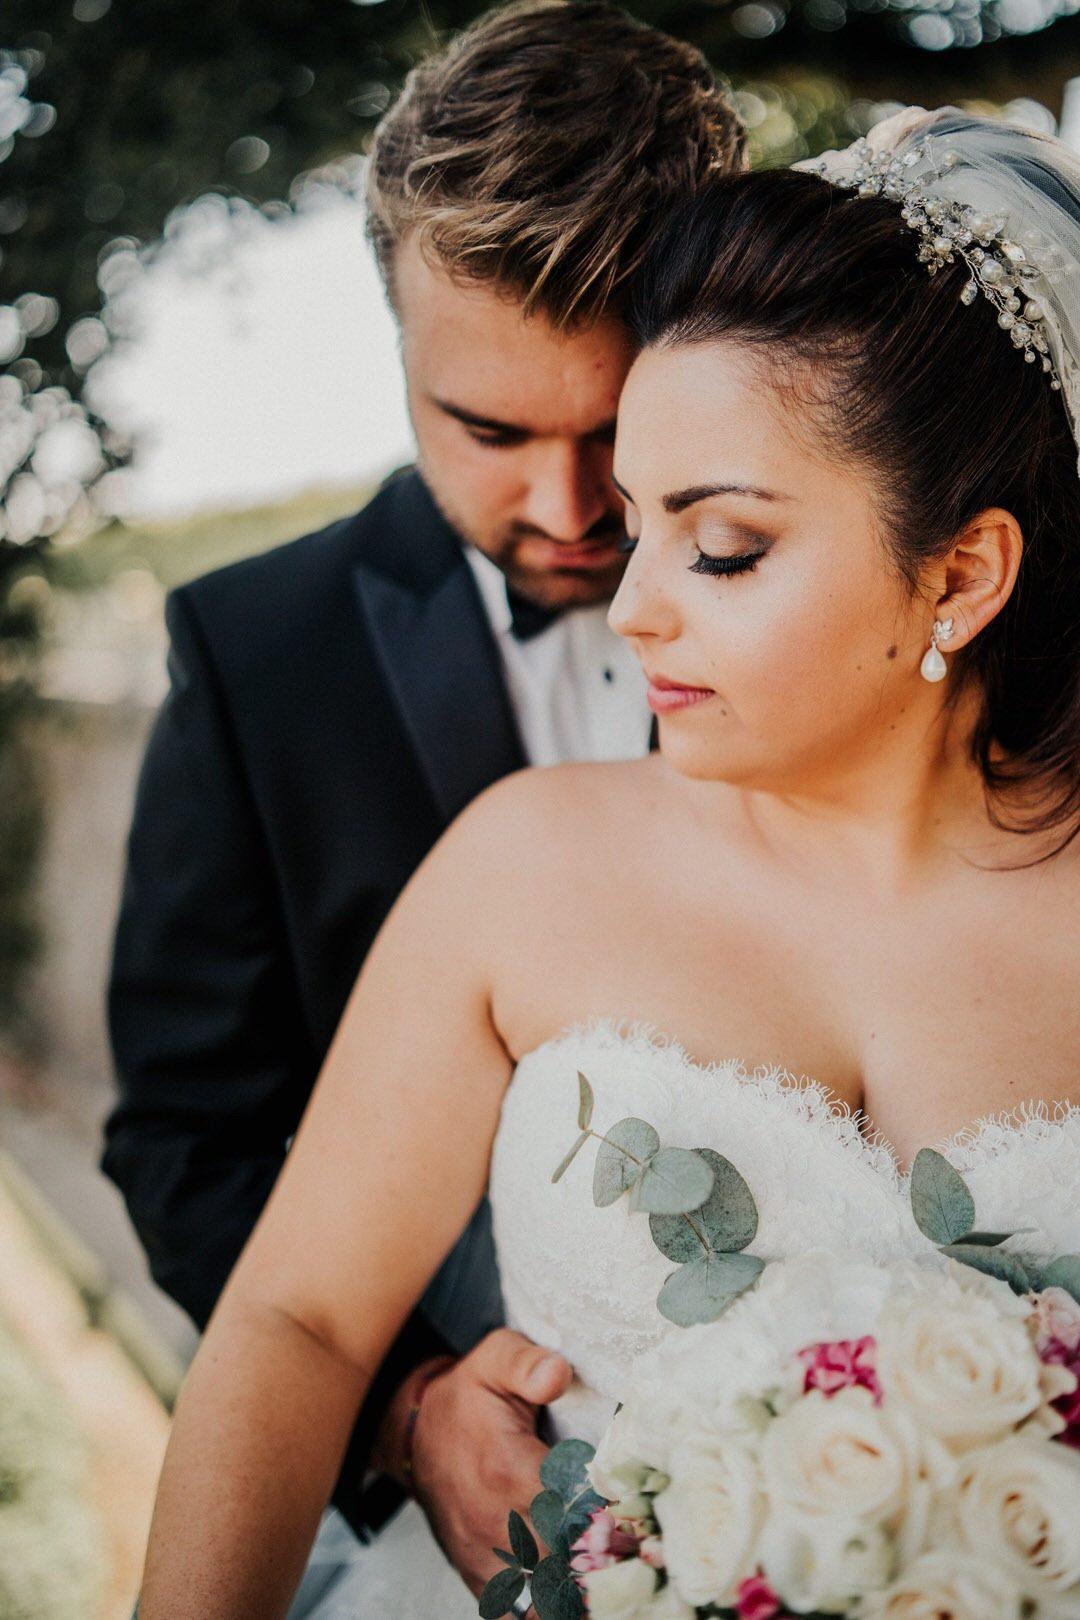 Emotionale und persönliche Hochzeitsfotos beim Brautpaar-Shooting der italienischen Vintage-Hochzeit im Schlossgarten Weilburg